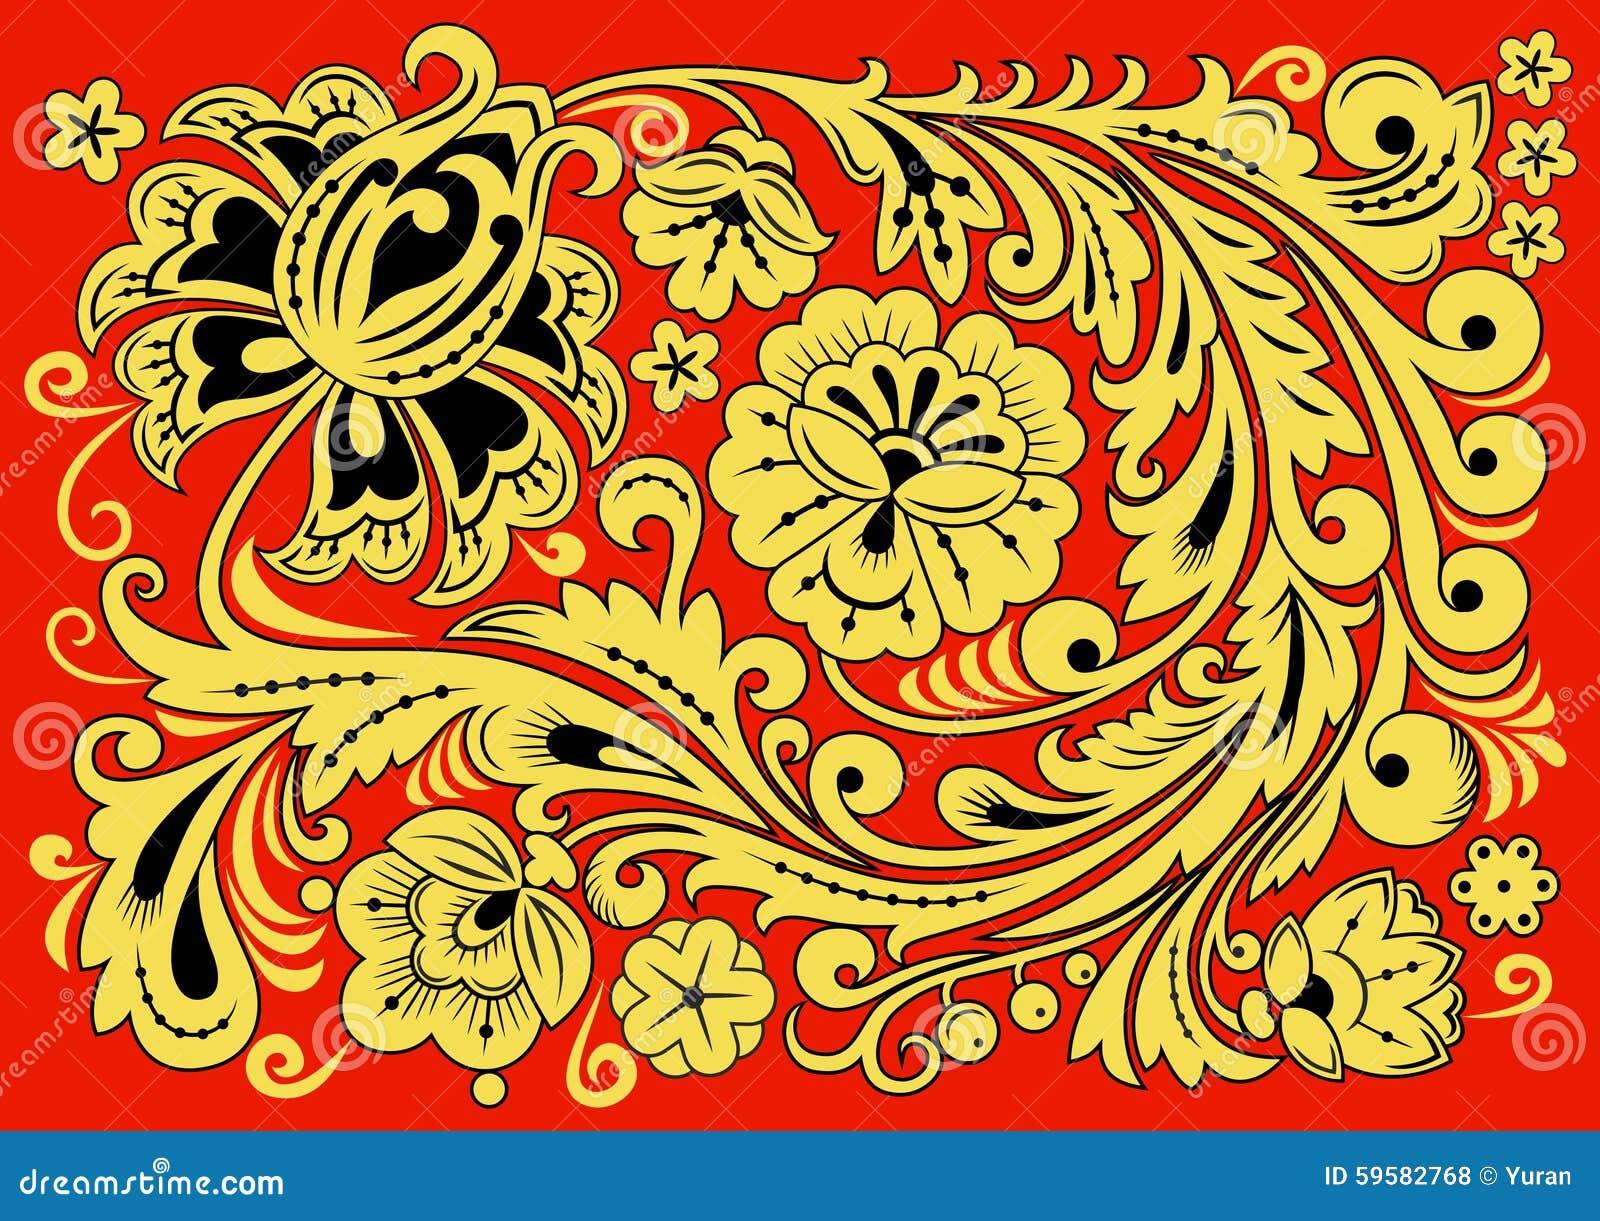 Русский орнамент и узоры фото